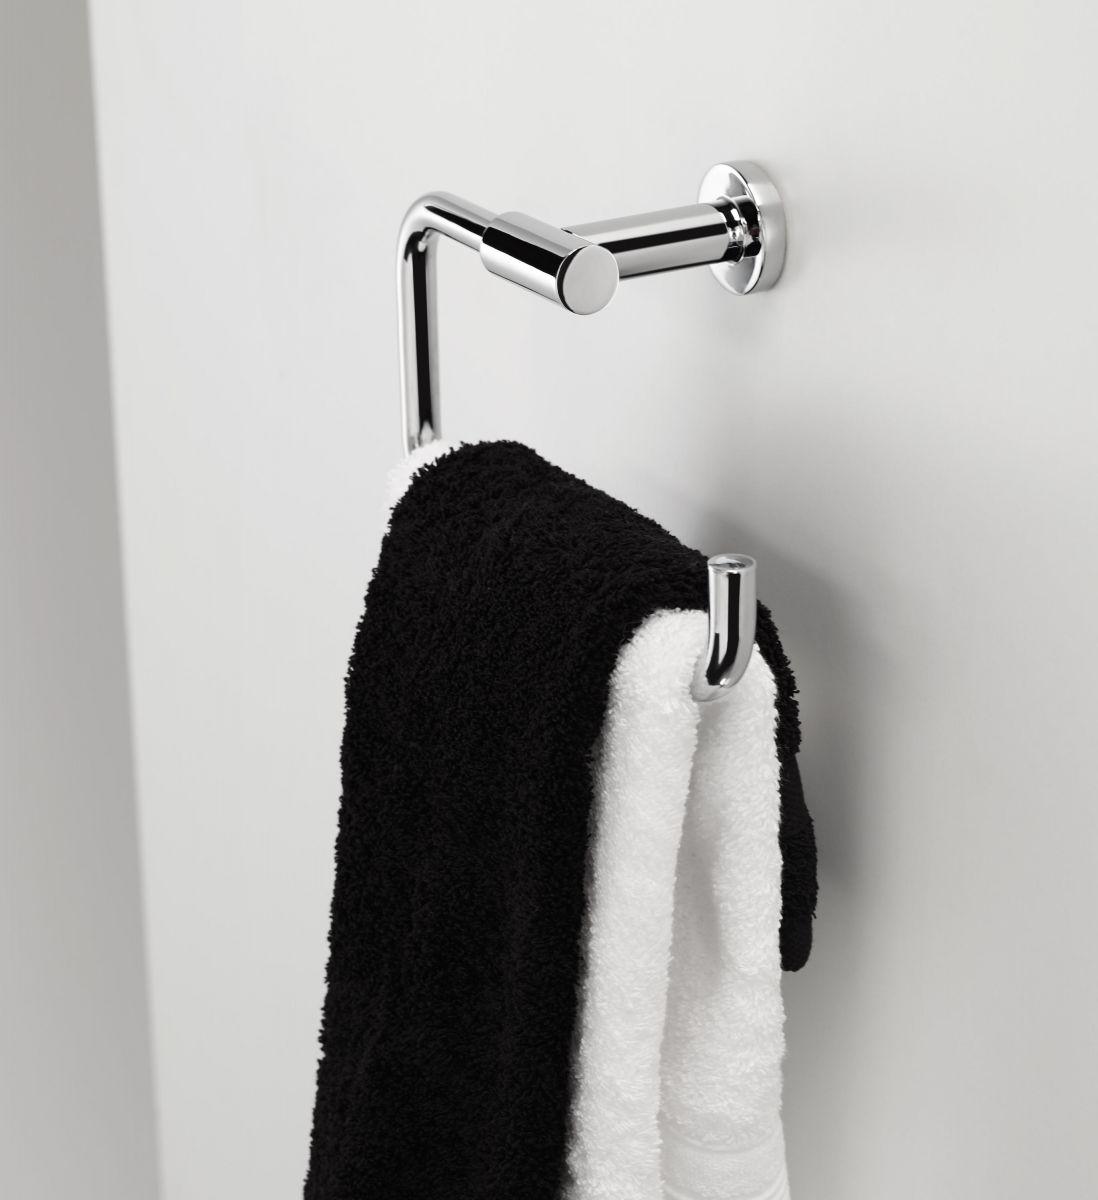 Cosmic Towel Rack 600